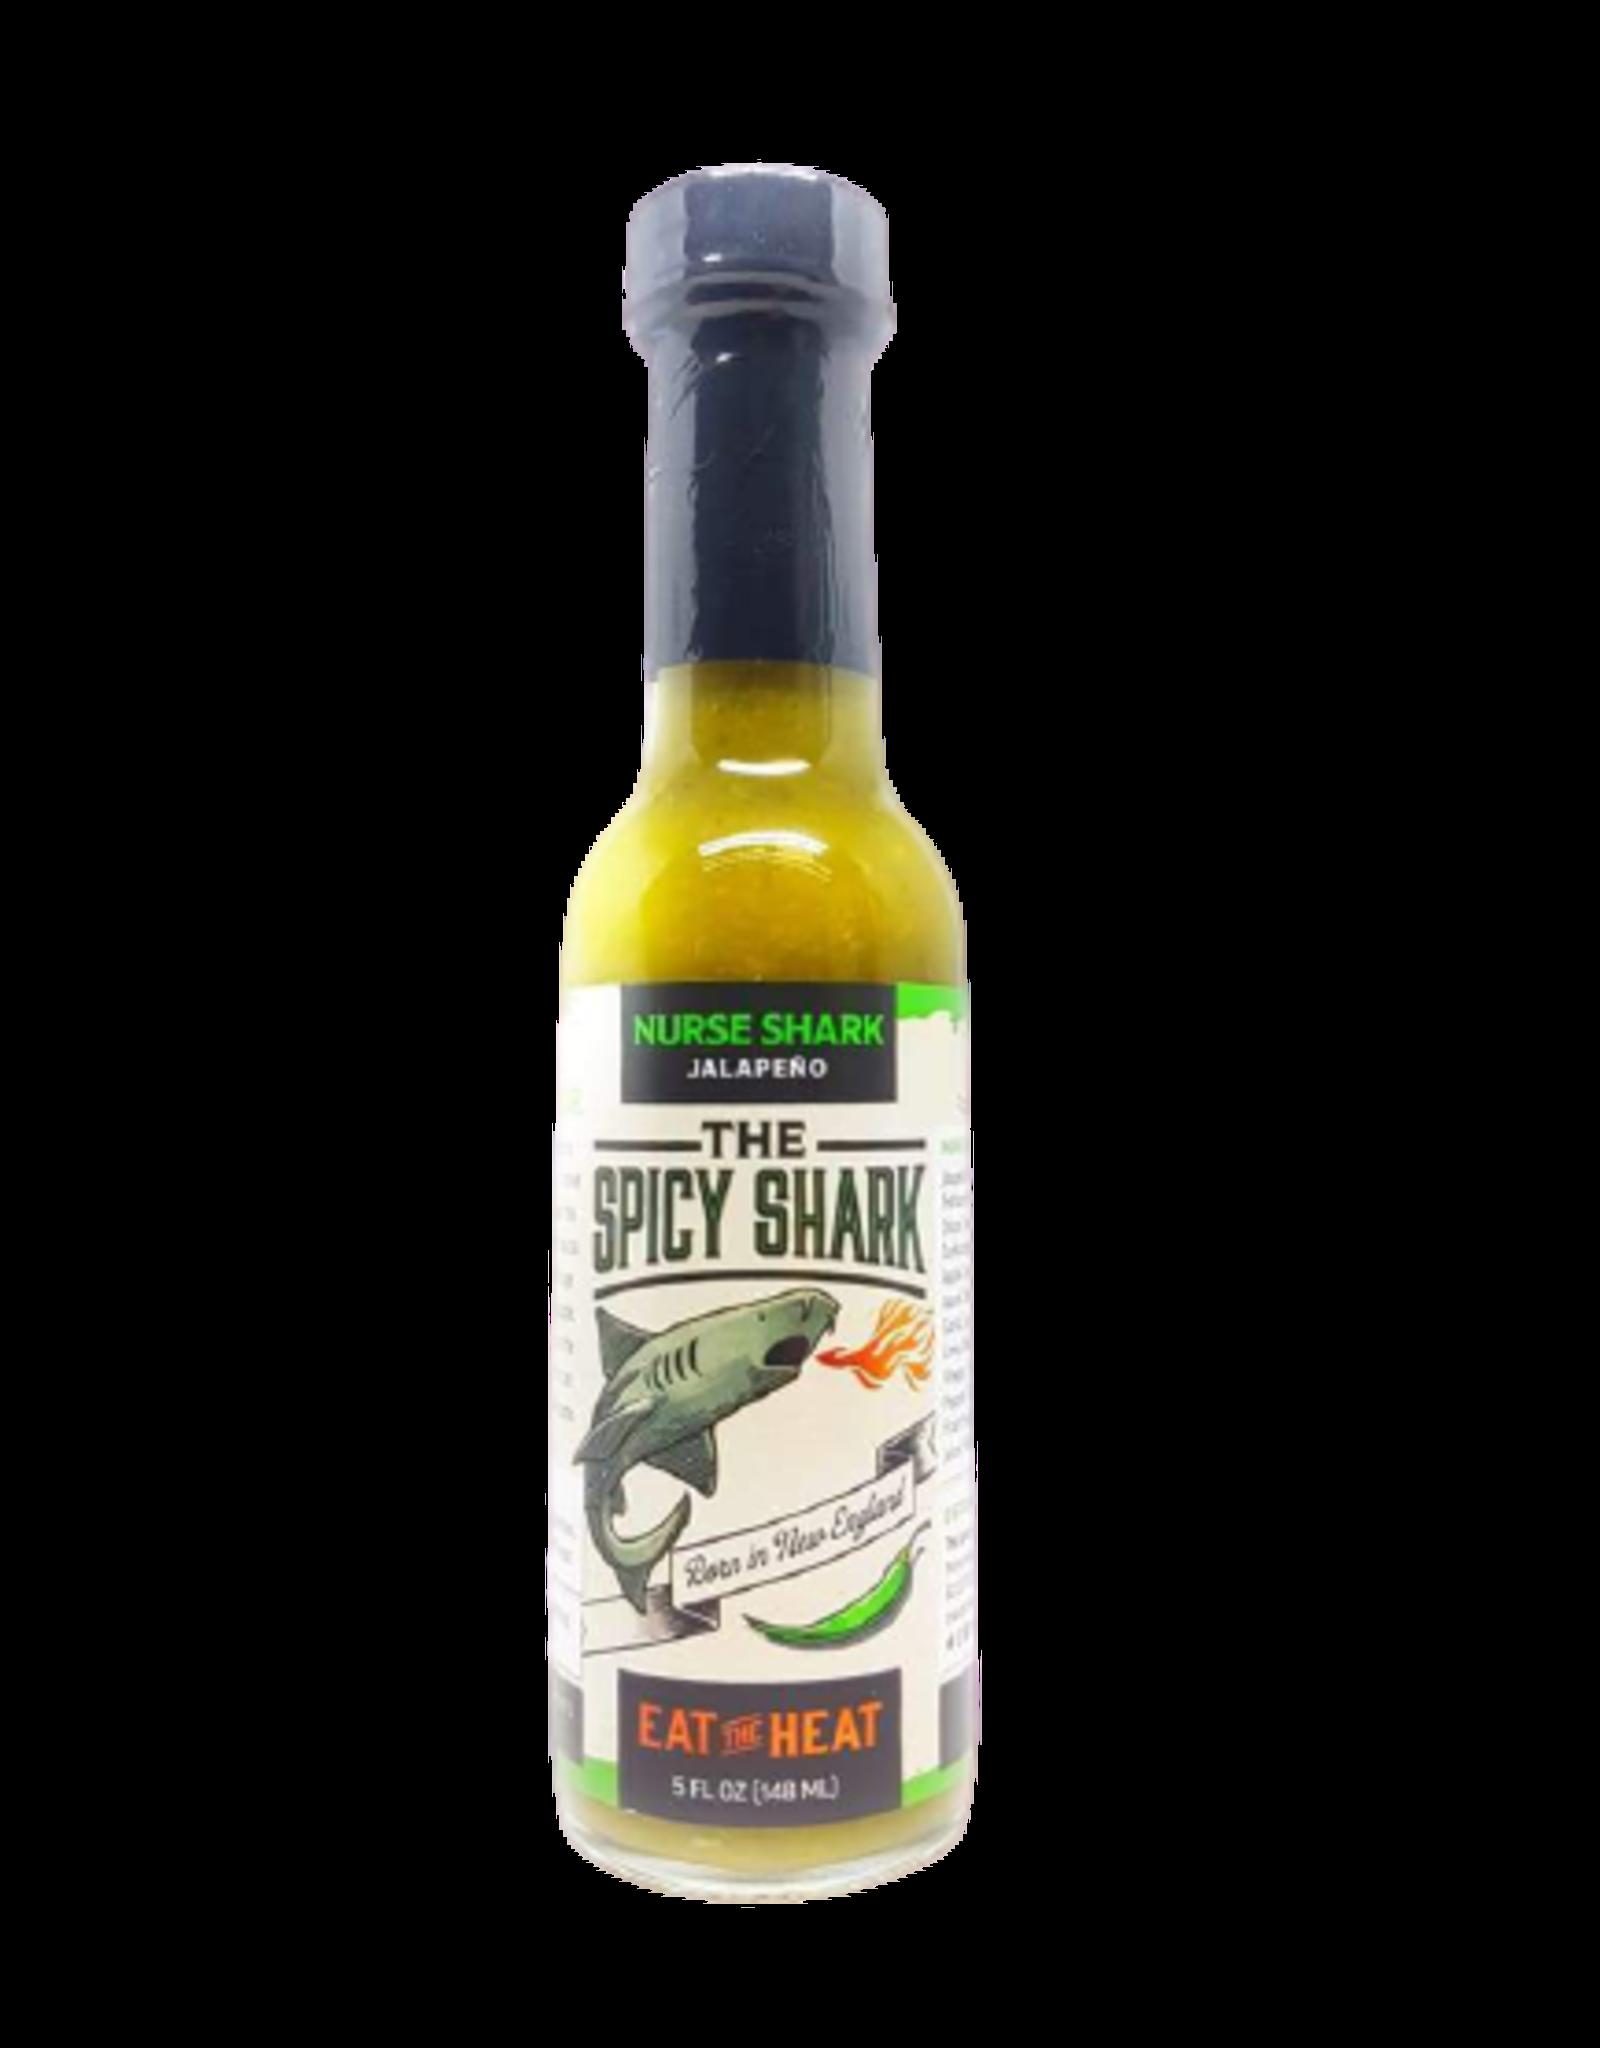 The Spicy Shark Nurse Shark